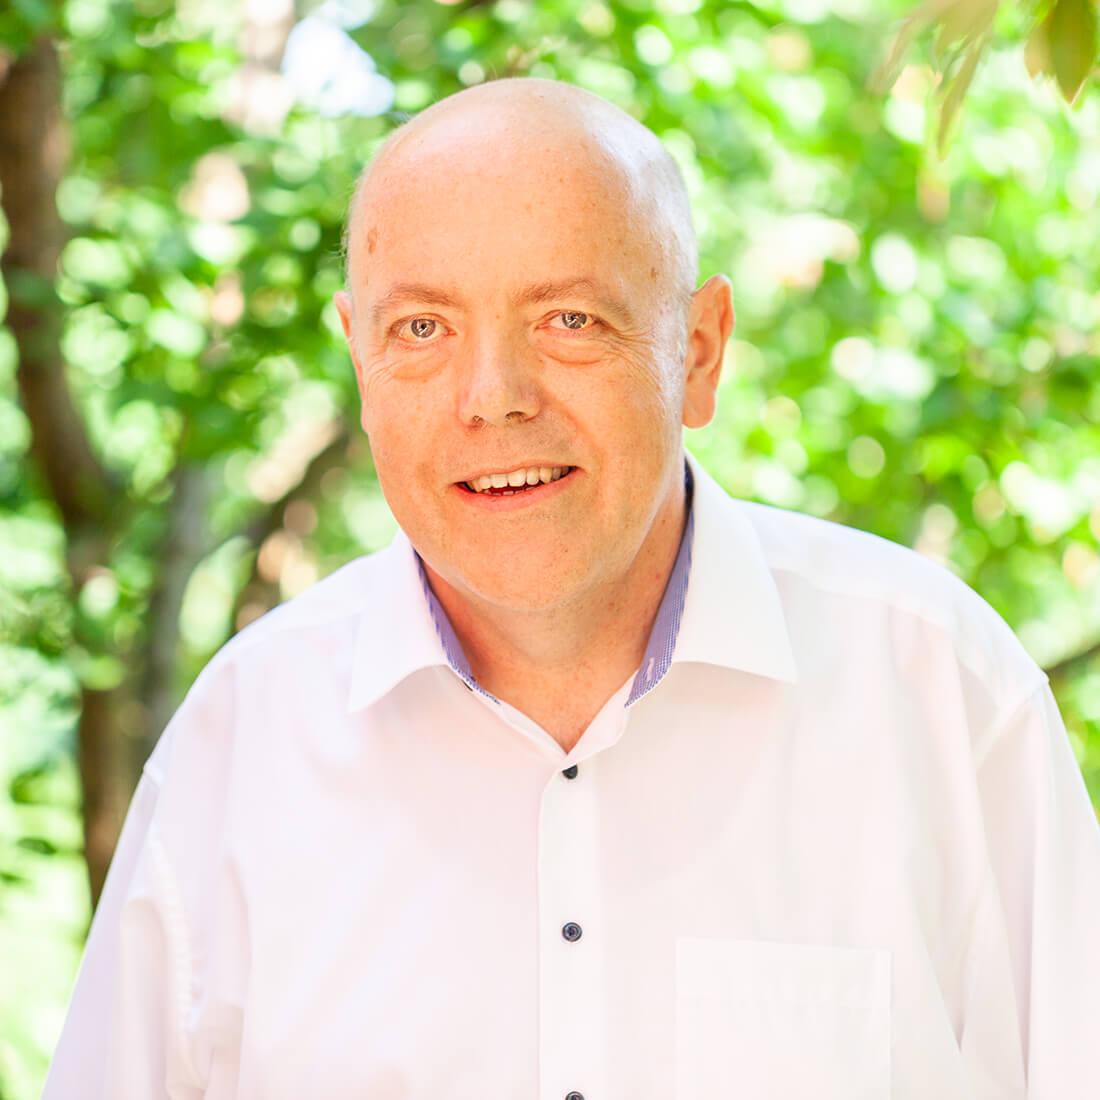 Hausarzt Bernhardsthal - Dr. Neugebauer, Facharzt für Allgemeinmedizin